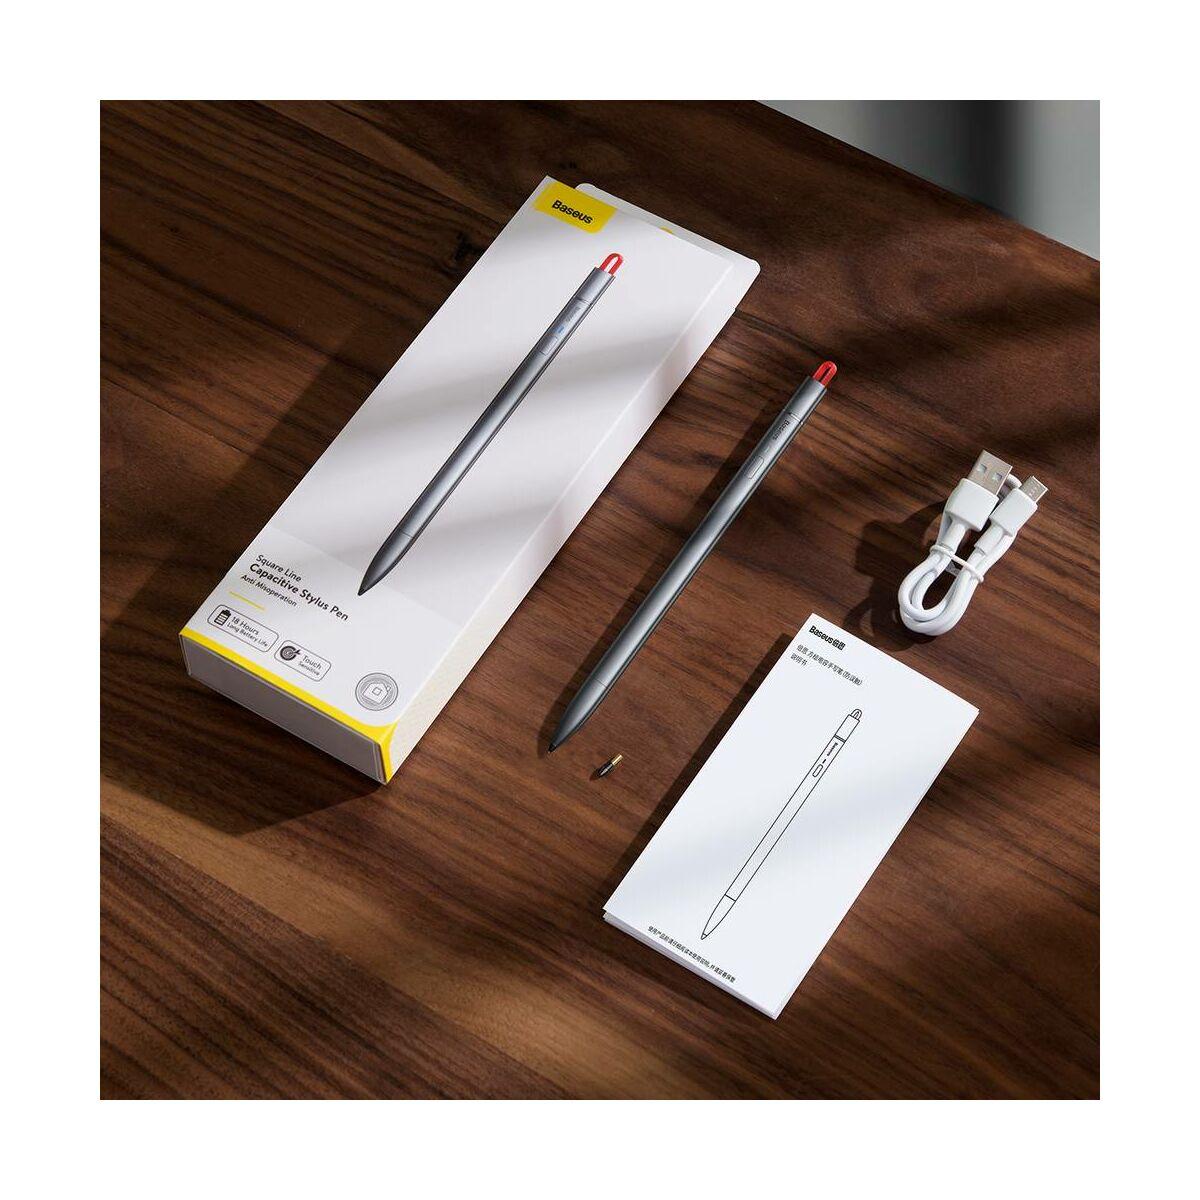 Baseus Tablet kiegészítő, toll Square Line Capacitive Stylus, precíziós használatra és rajzoláshoz tervezve, extra heggyel, szürke ACSXB-A0G